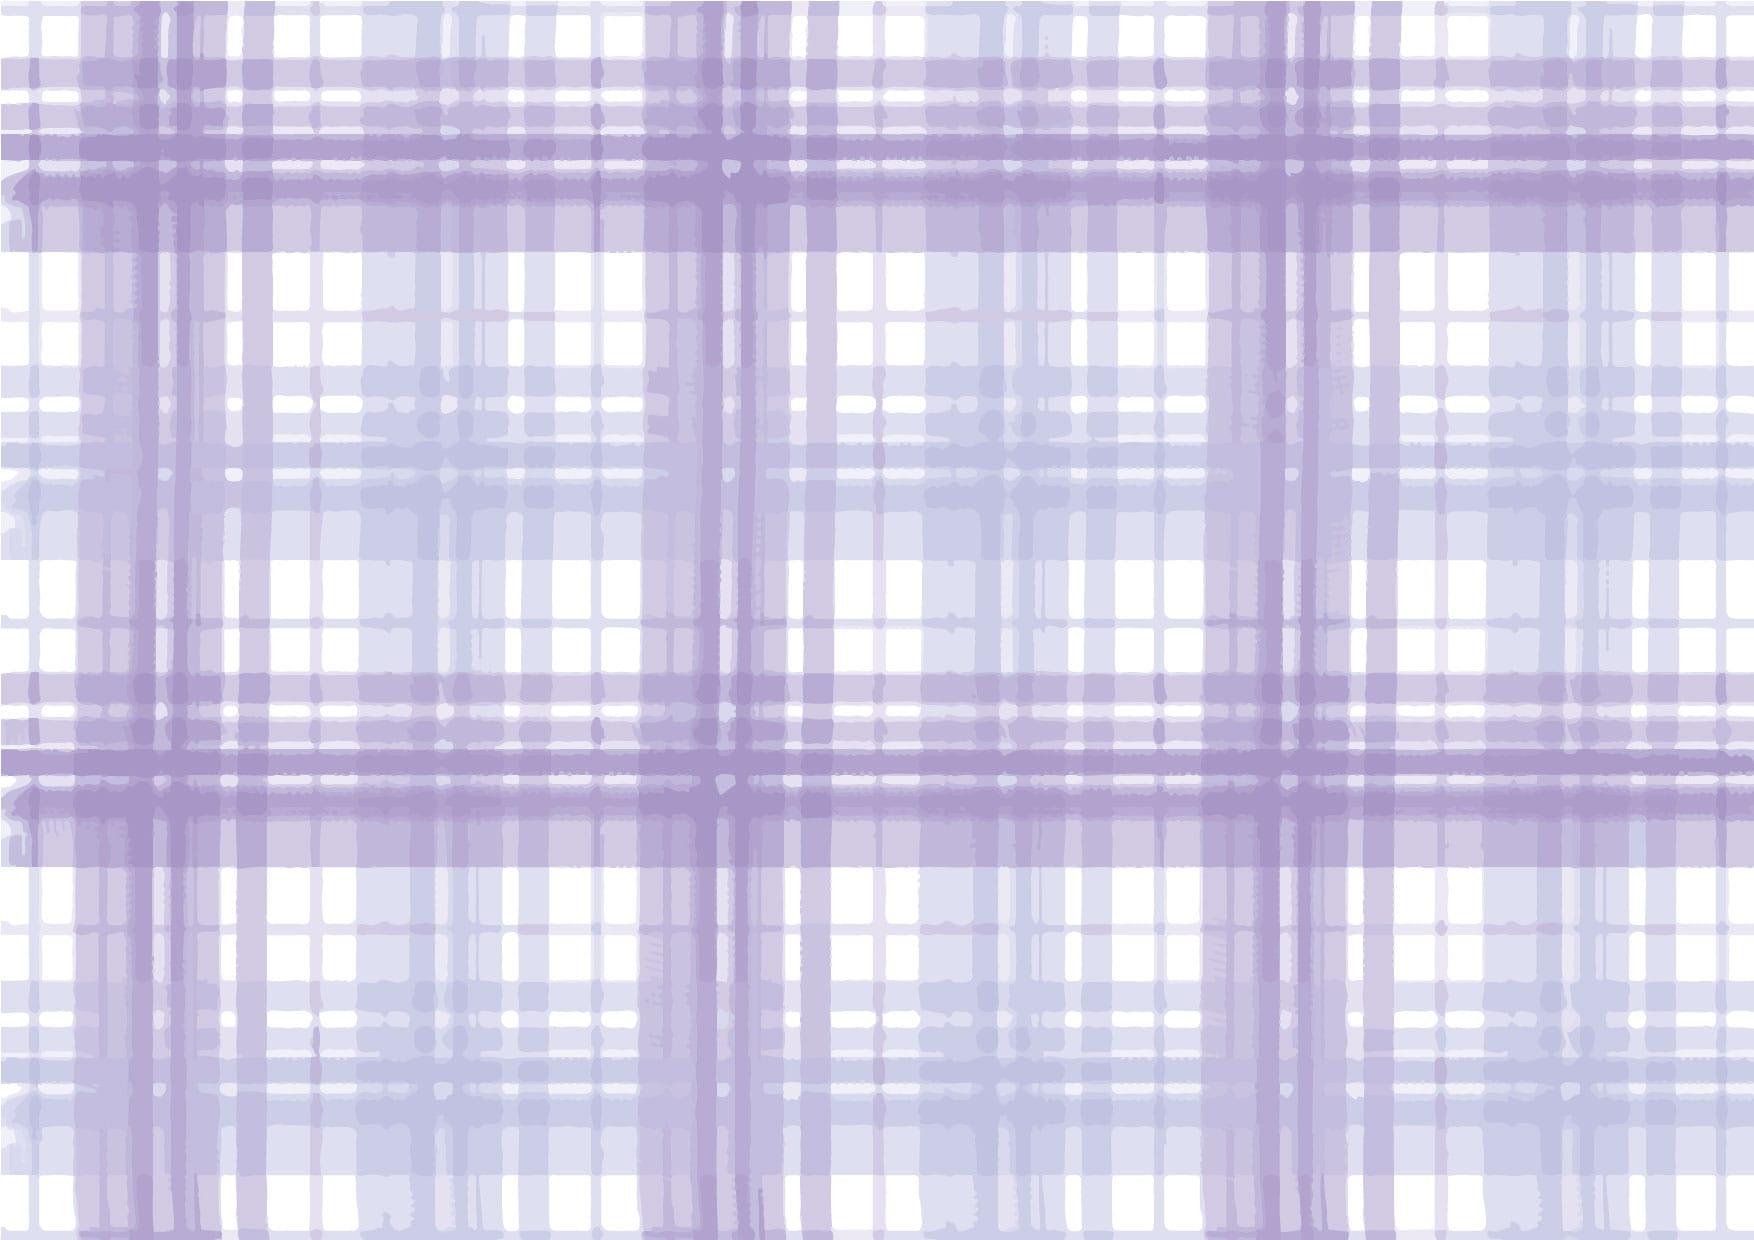 可愛いイラスト|手書き チェック柄 紫色 背景 − free illustration  Handwritten check pattern purple background